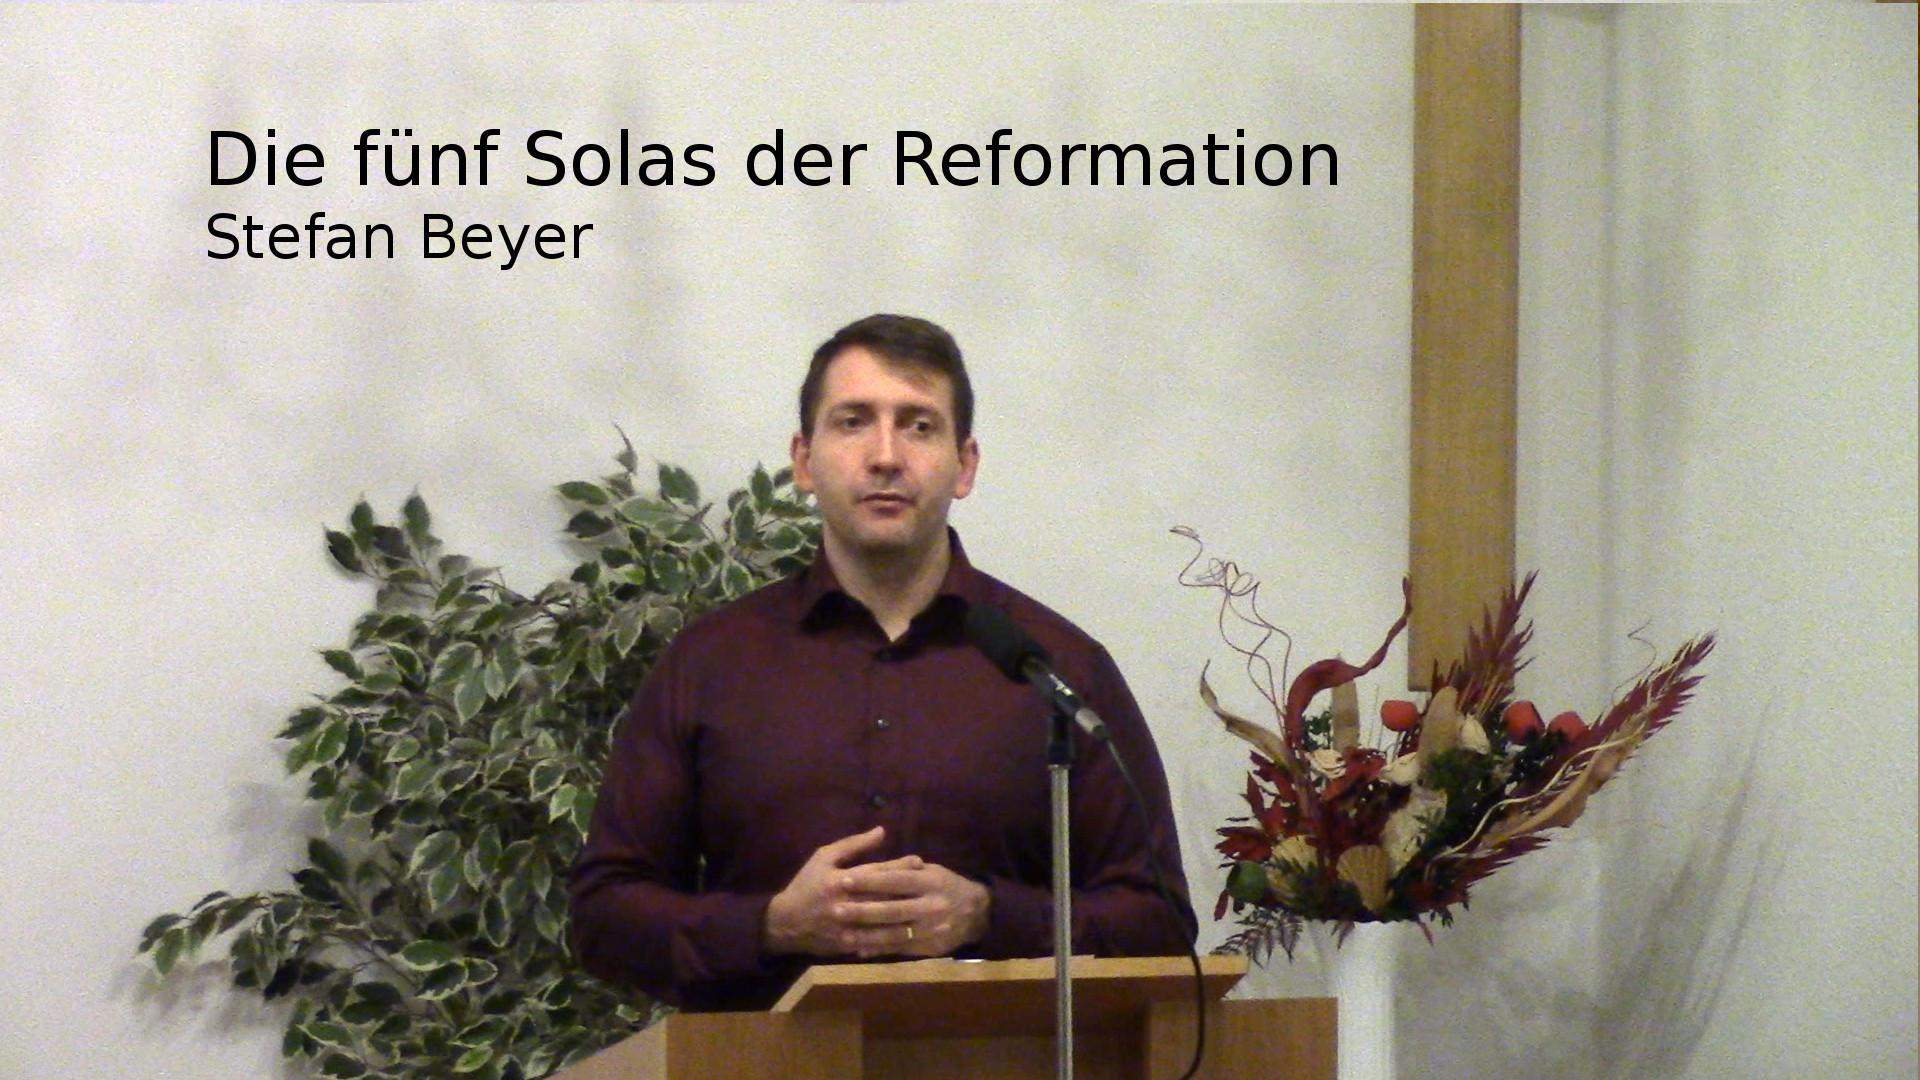 Die fünf Solas der Reformation